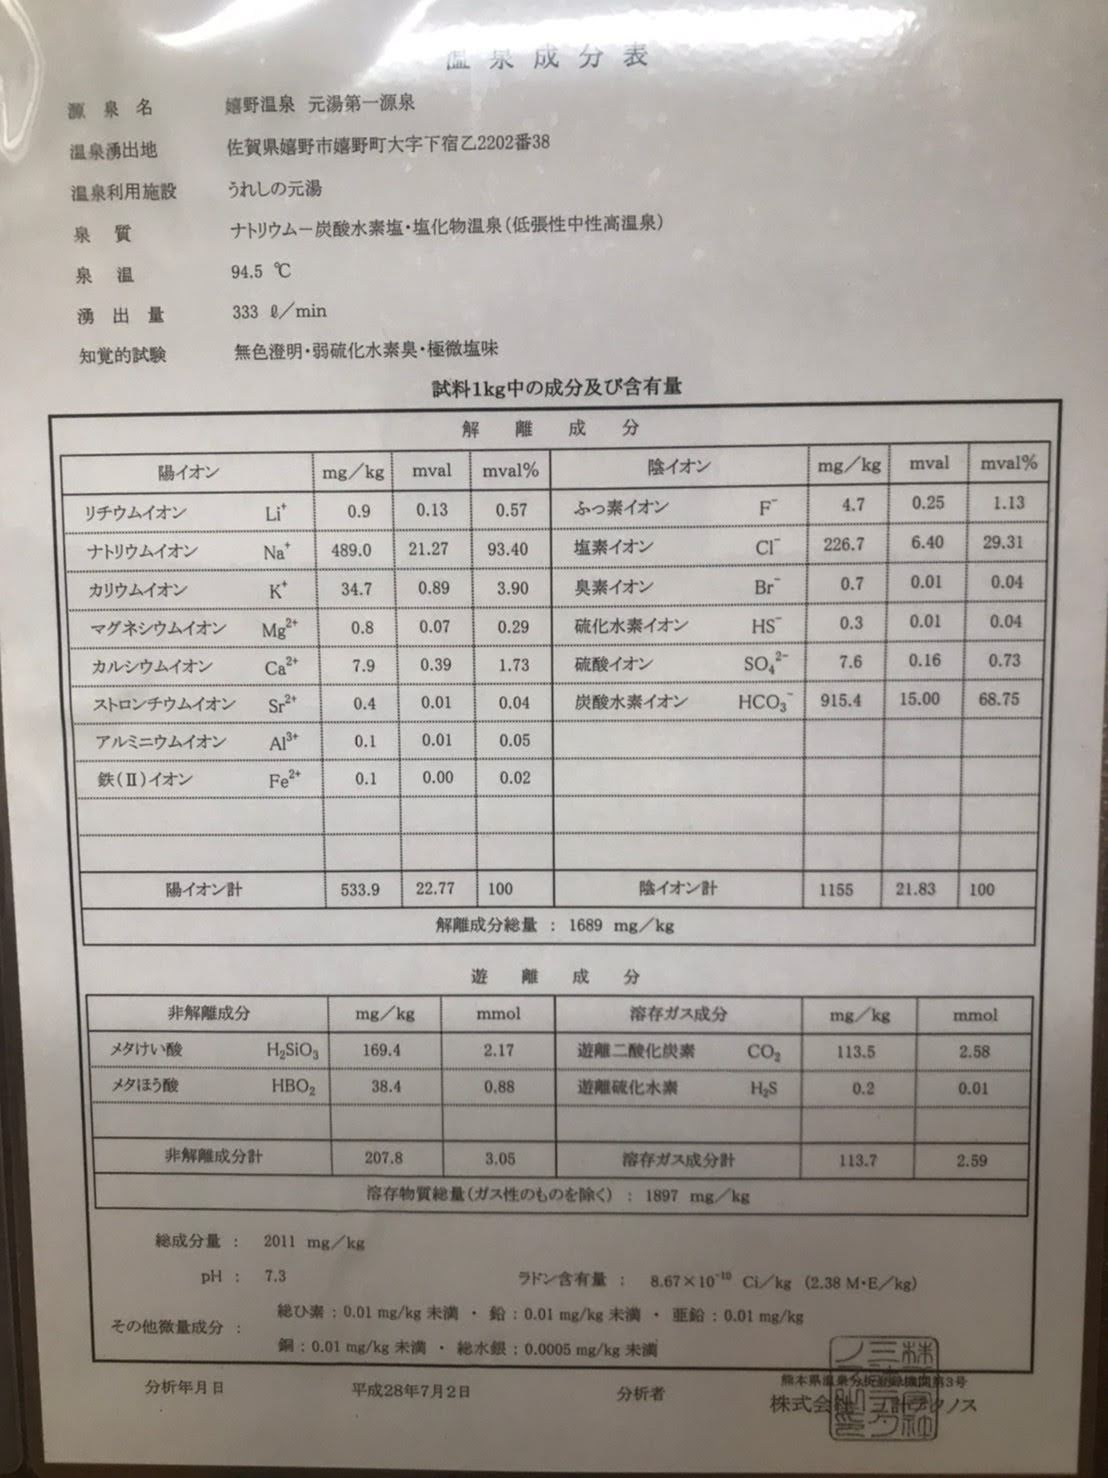 嬉野温泉元湯成分表